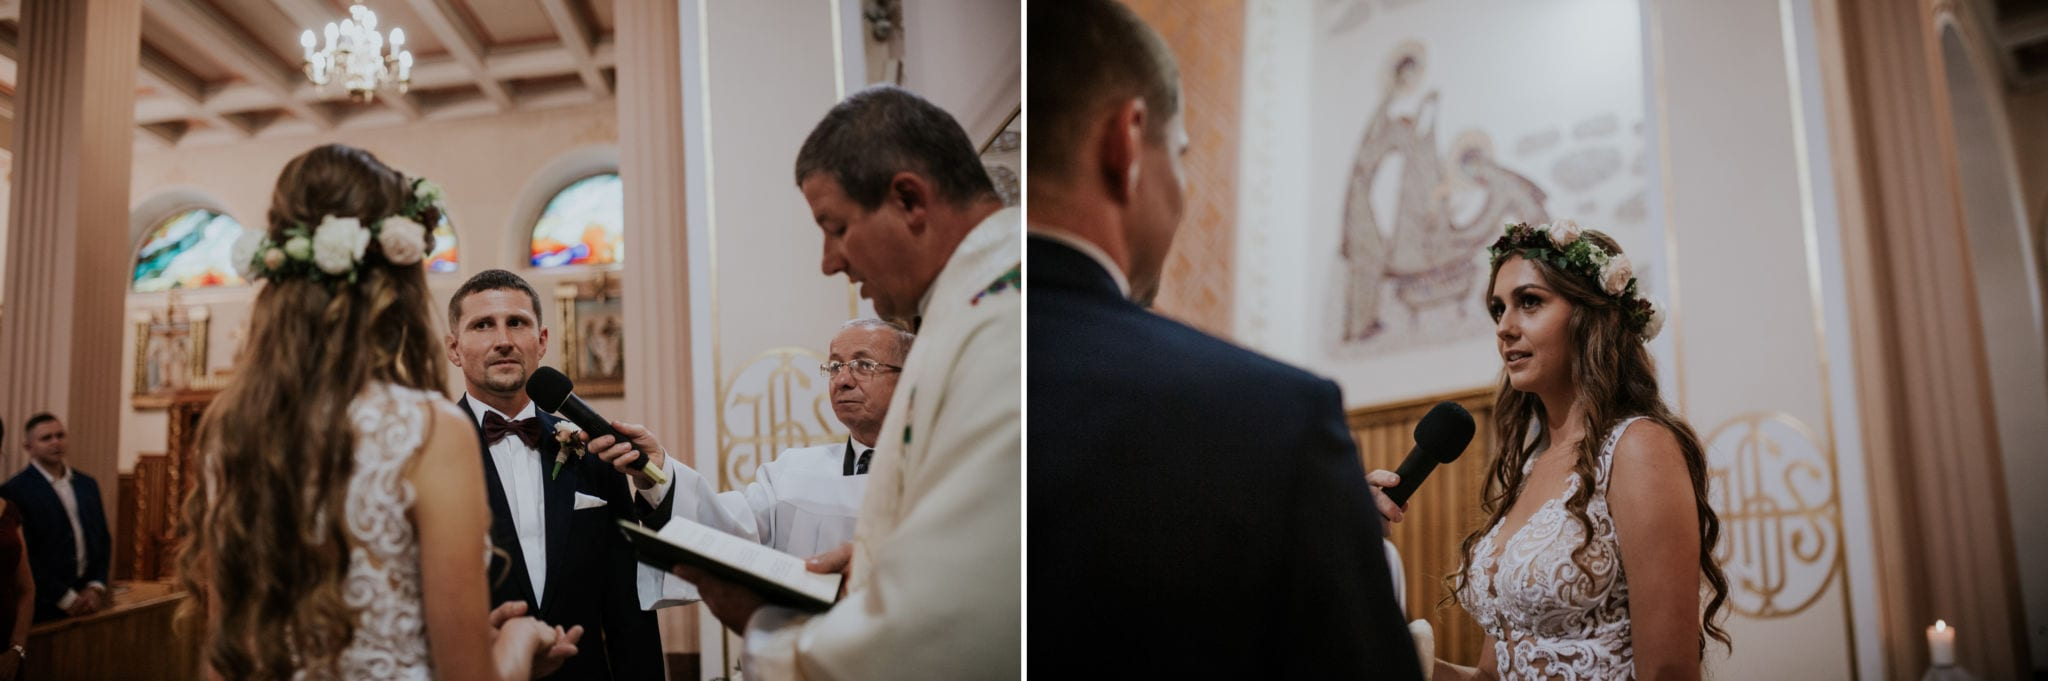 Kasia & Tomek <br>Ślub w Szczyrku 235